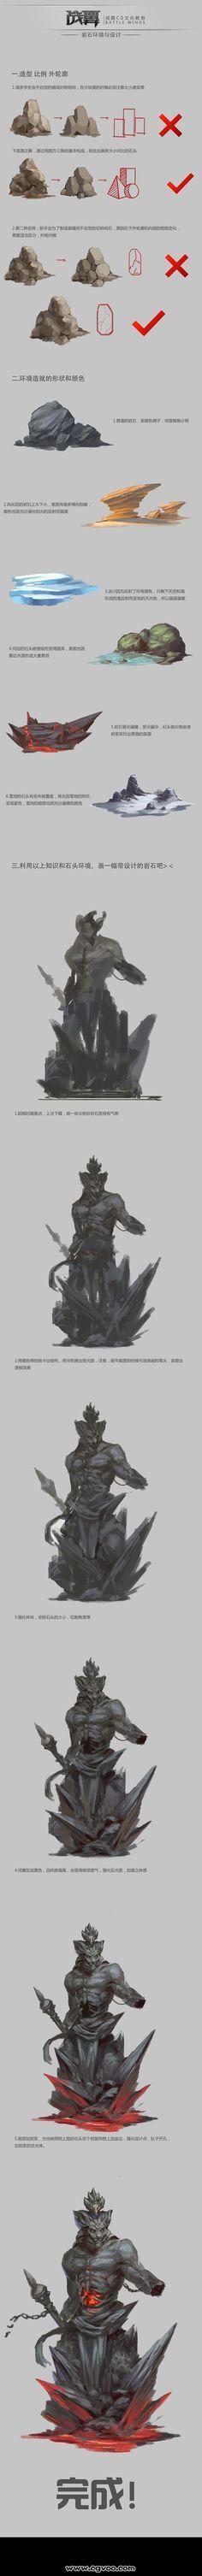 Стилизиованные игровые модели - стр. 1 - Ваши ART проекты - Интересное - VIEWPORT | Форум CG художников